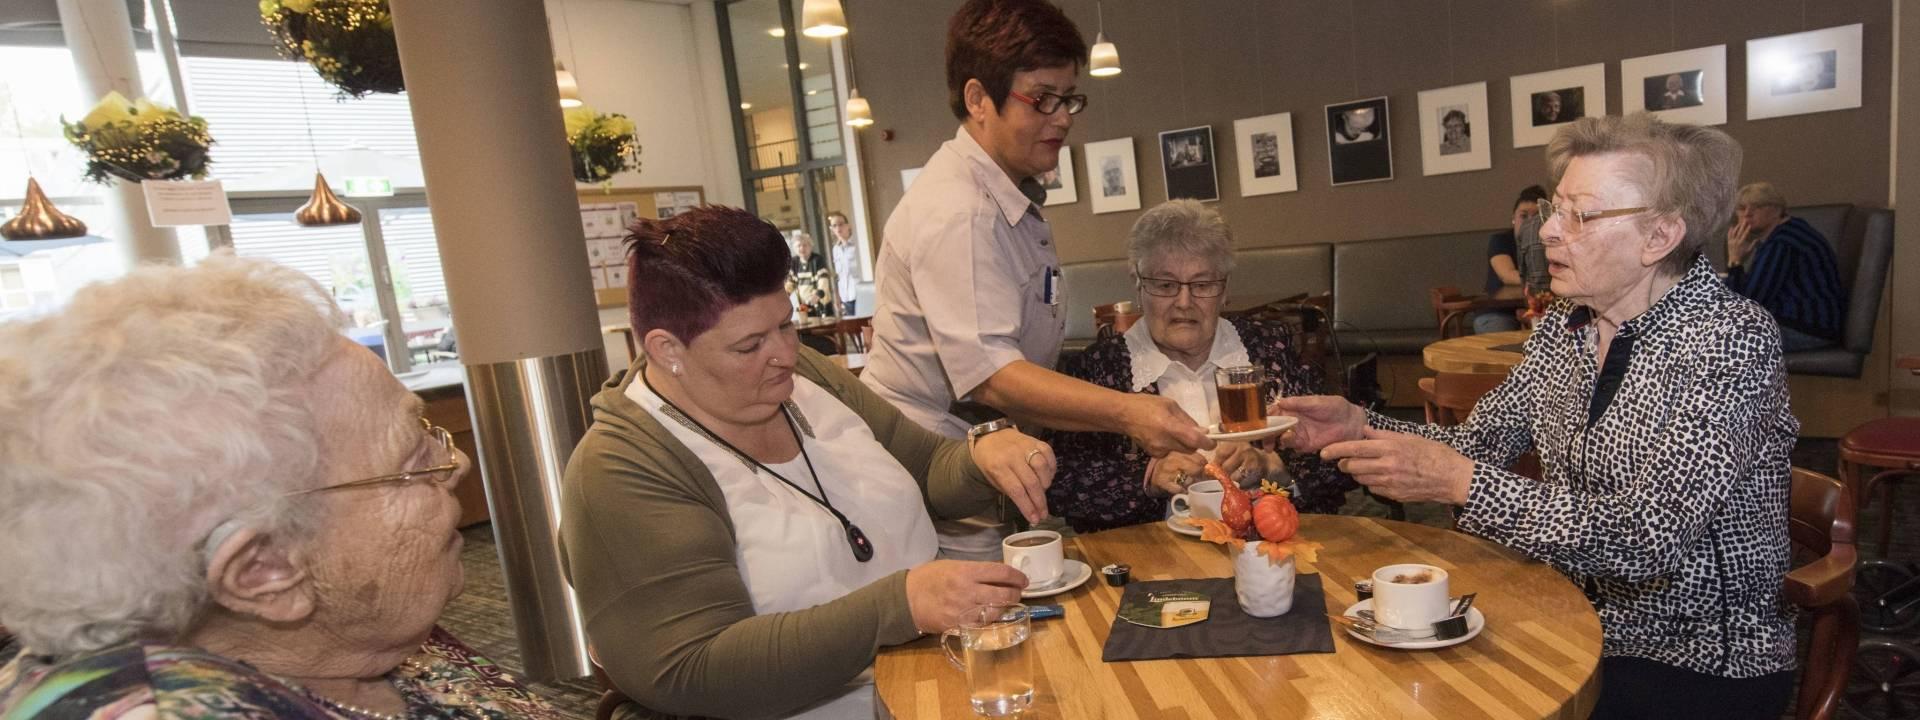 Samen - koffie - Franciscus - medewerker-client